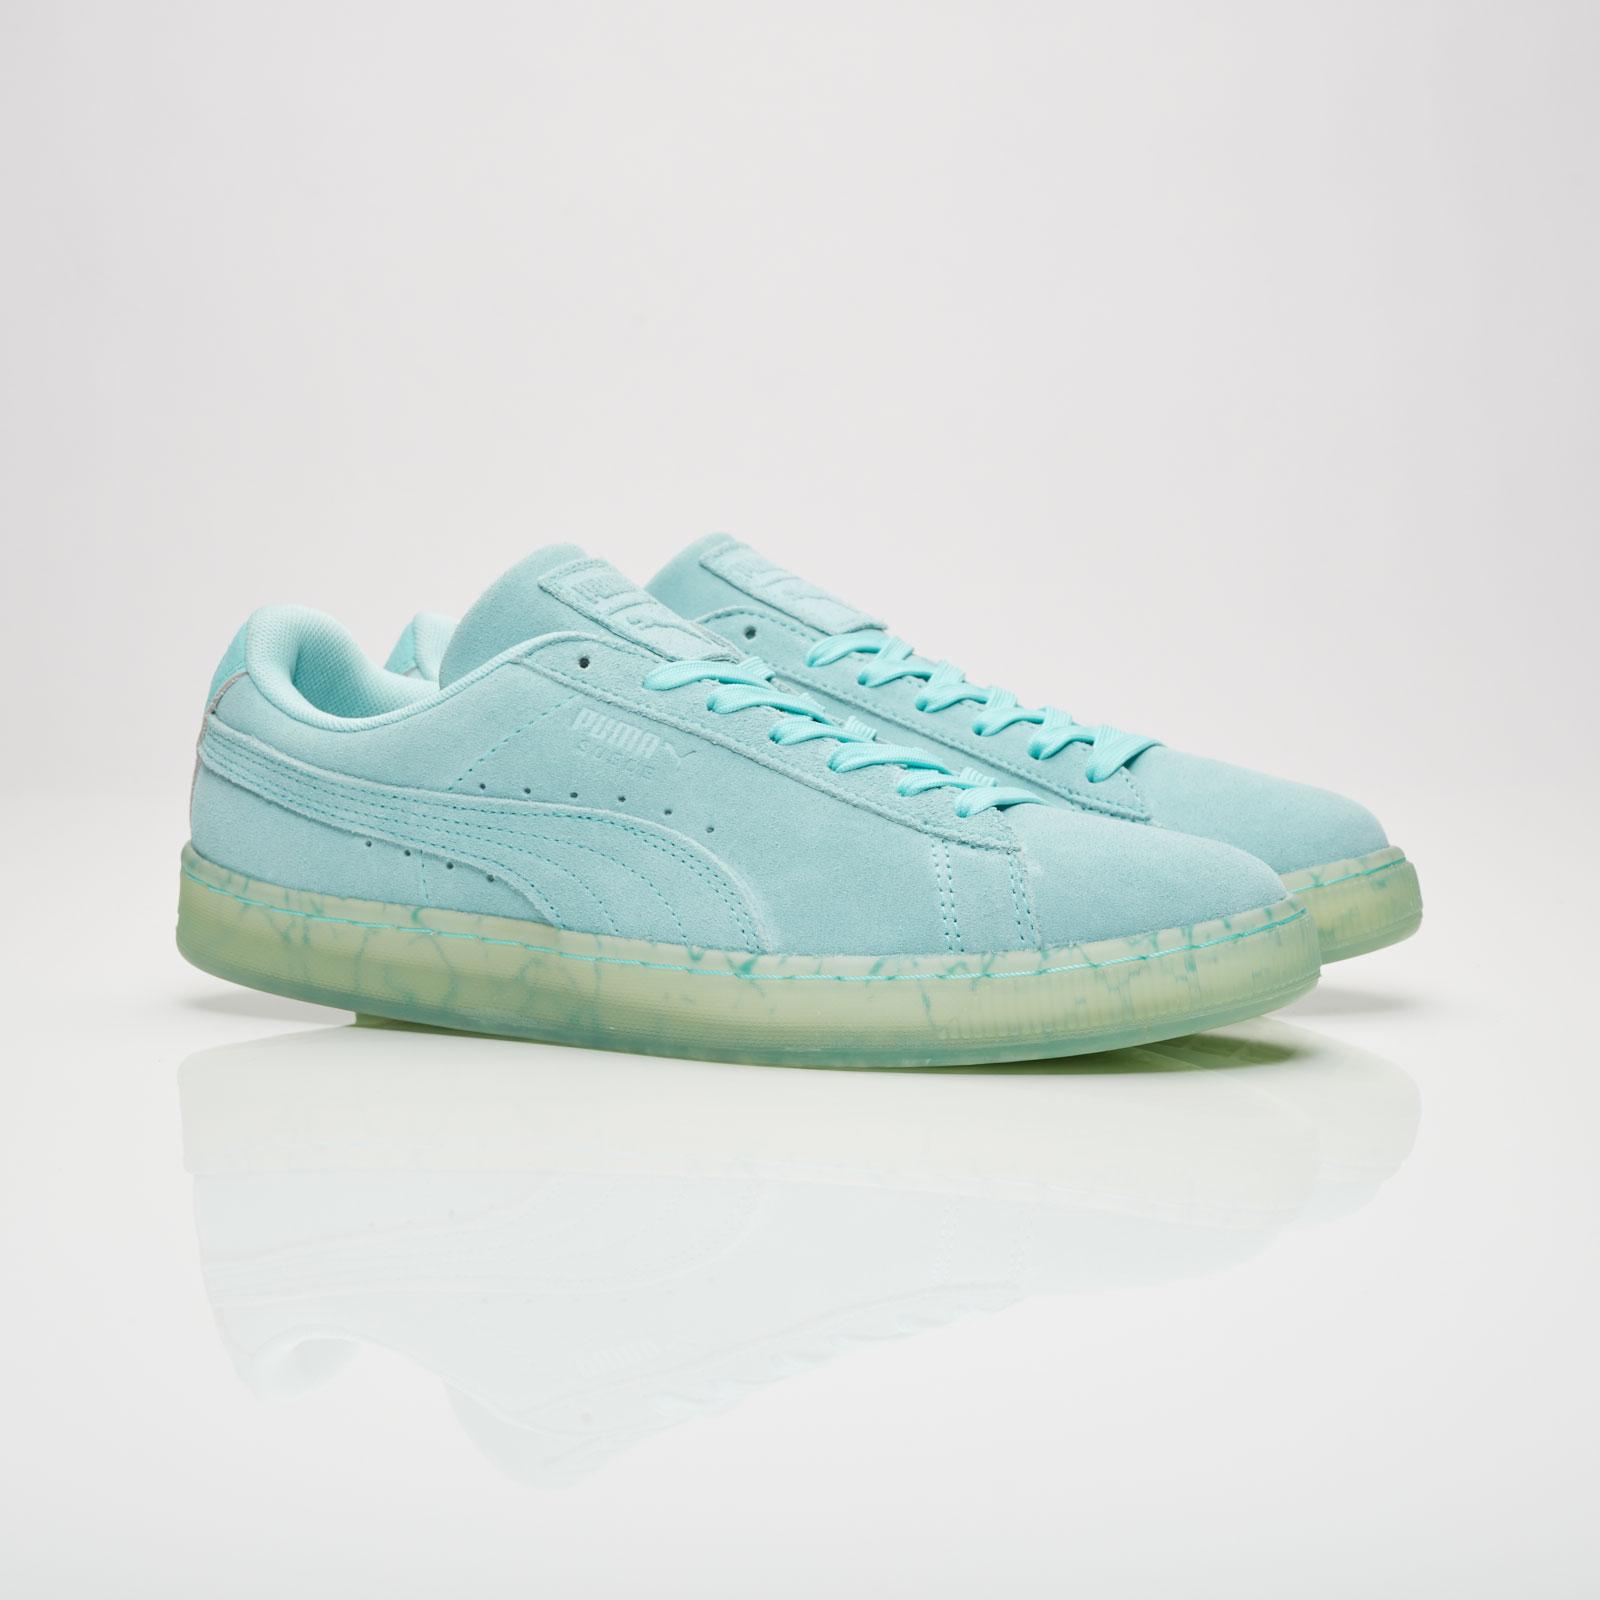 13f1a251b1f3 Puma Suede Classic Easter FM - 362556-01 - Sneakersnstuff